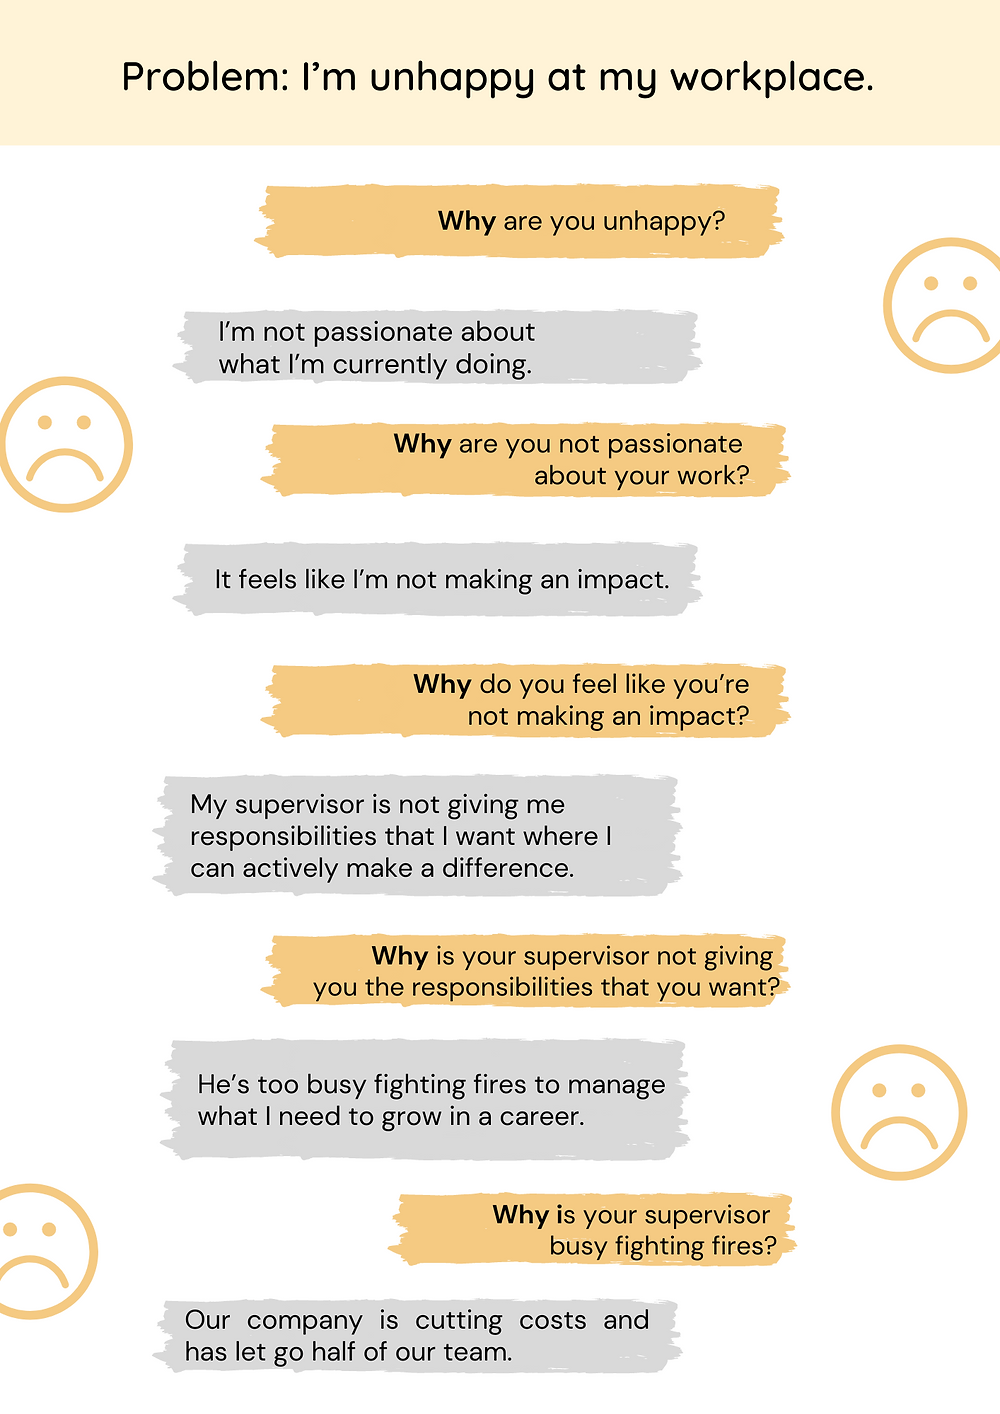 5 Whys problem solving framework